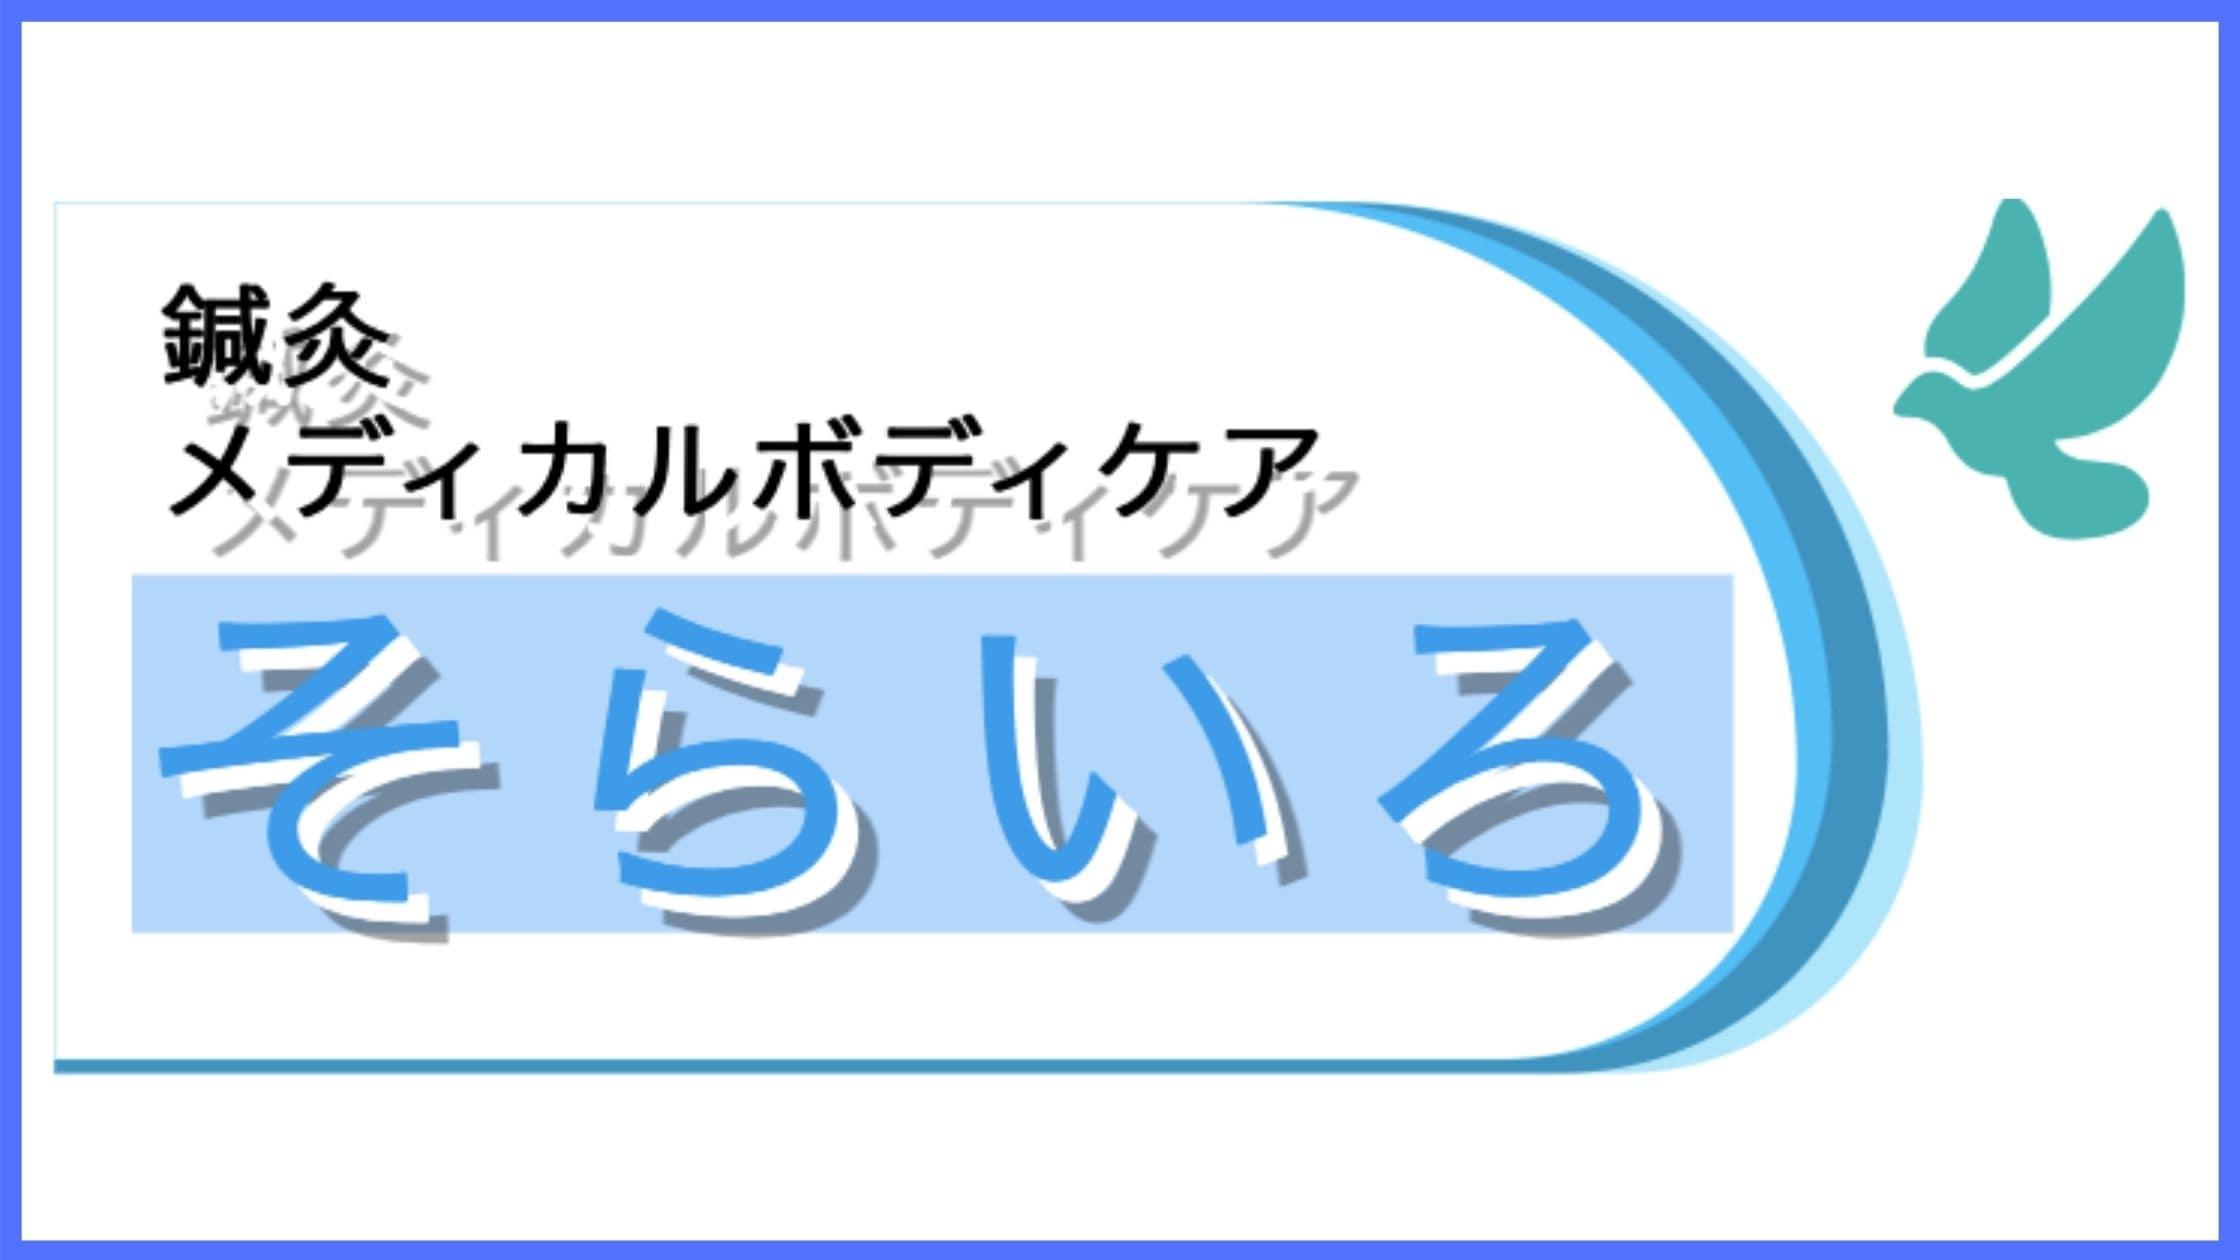 神奈川 メディアルボディ そらいろ